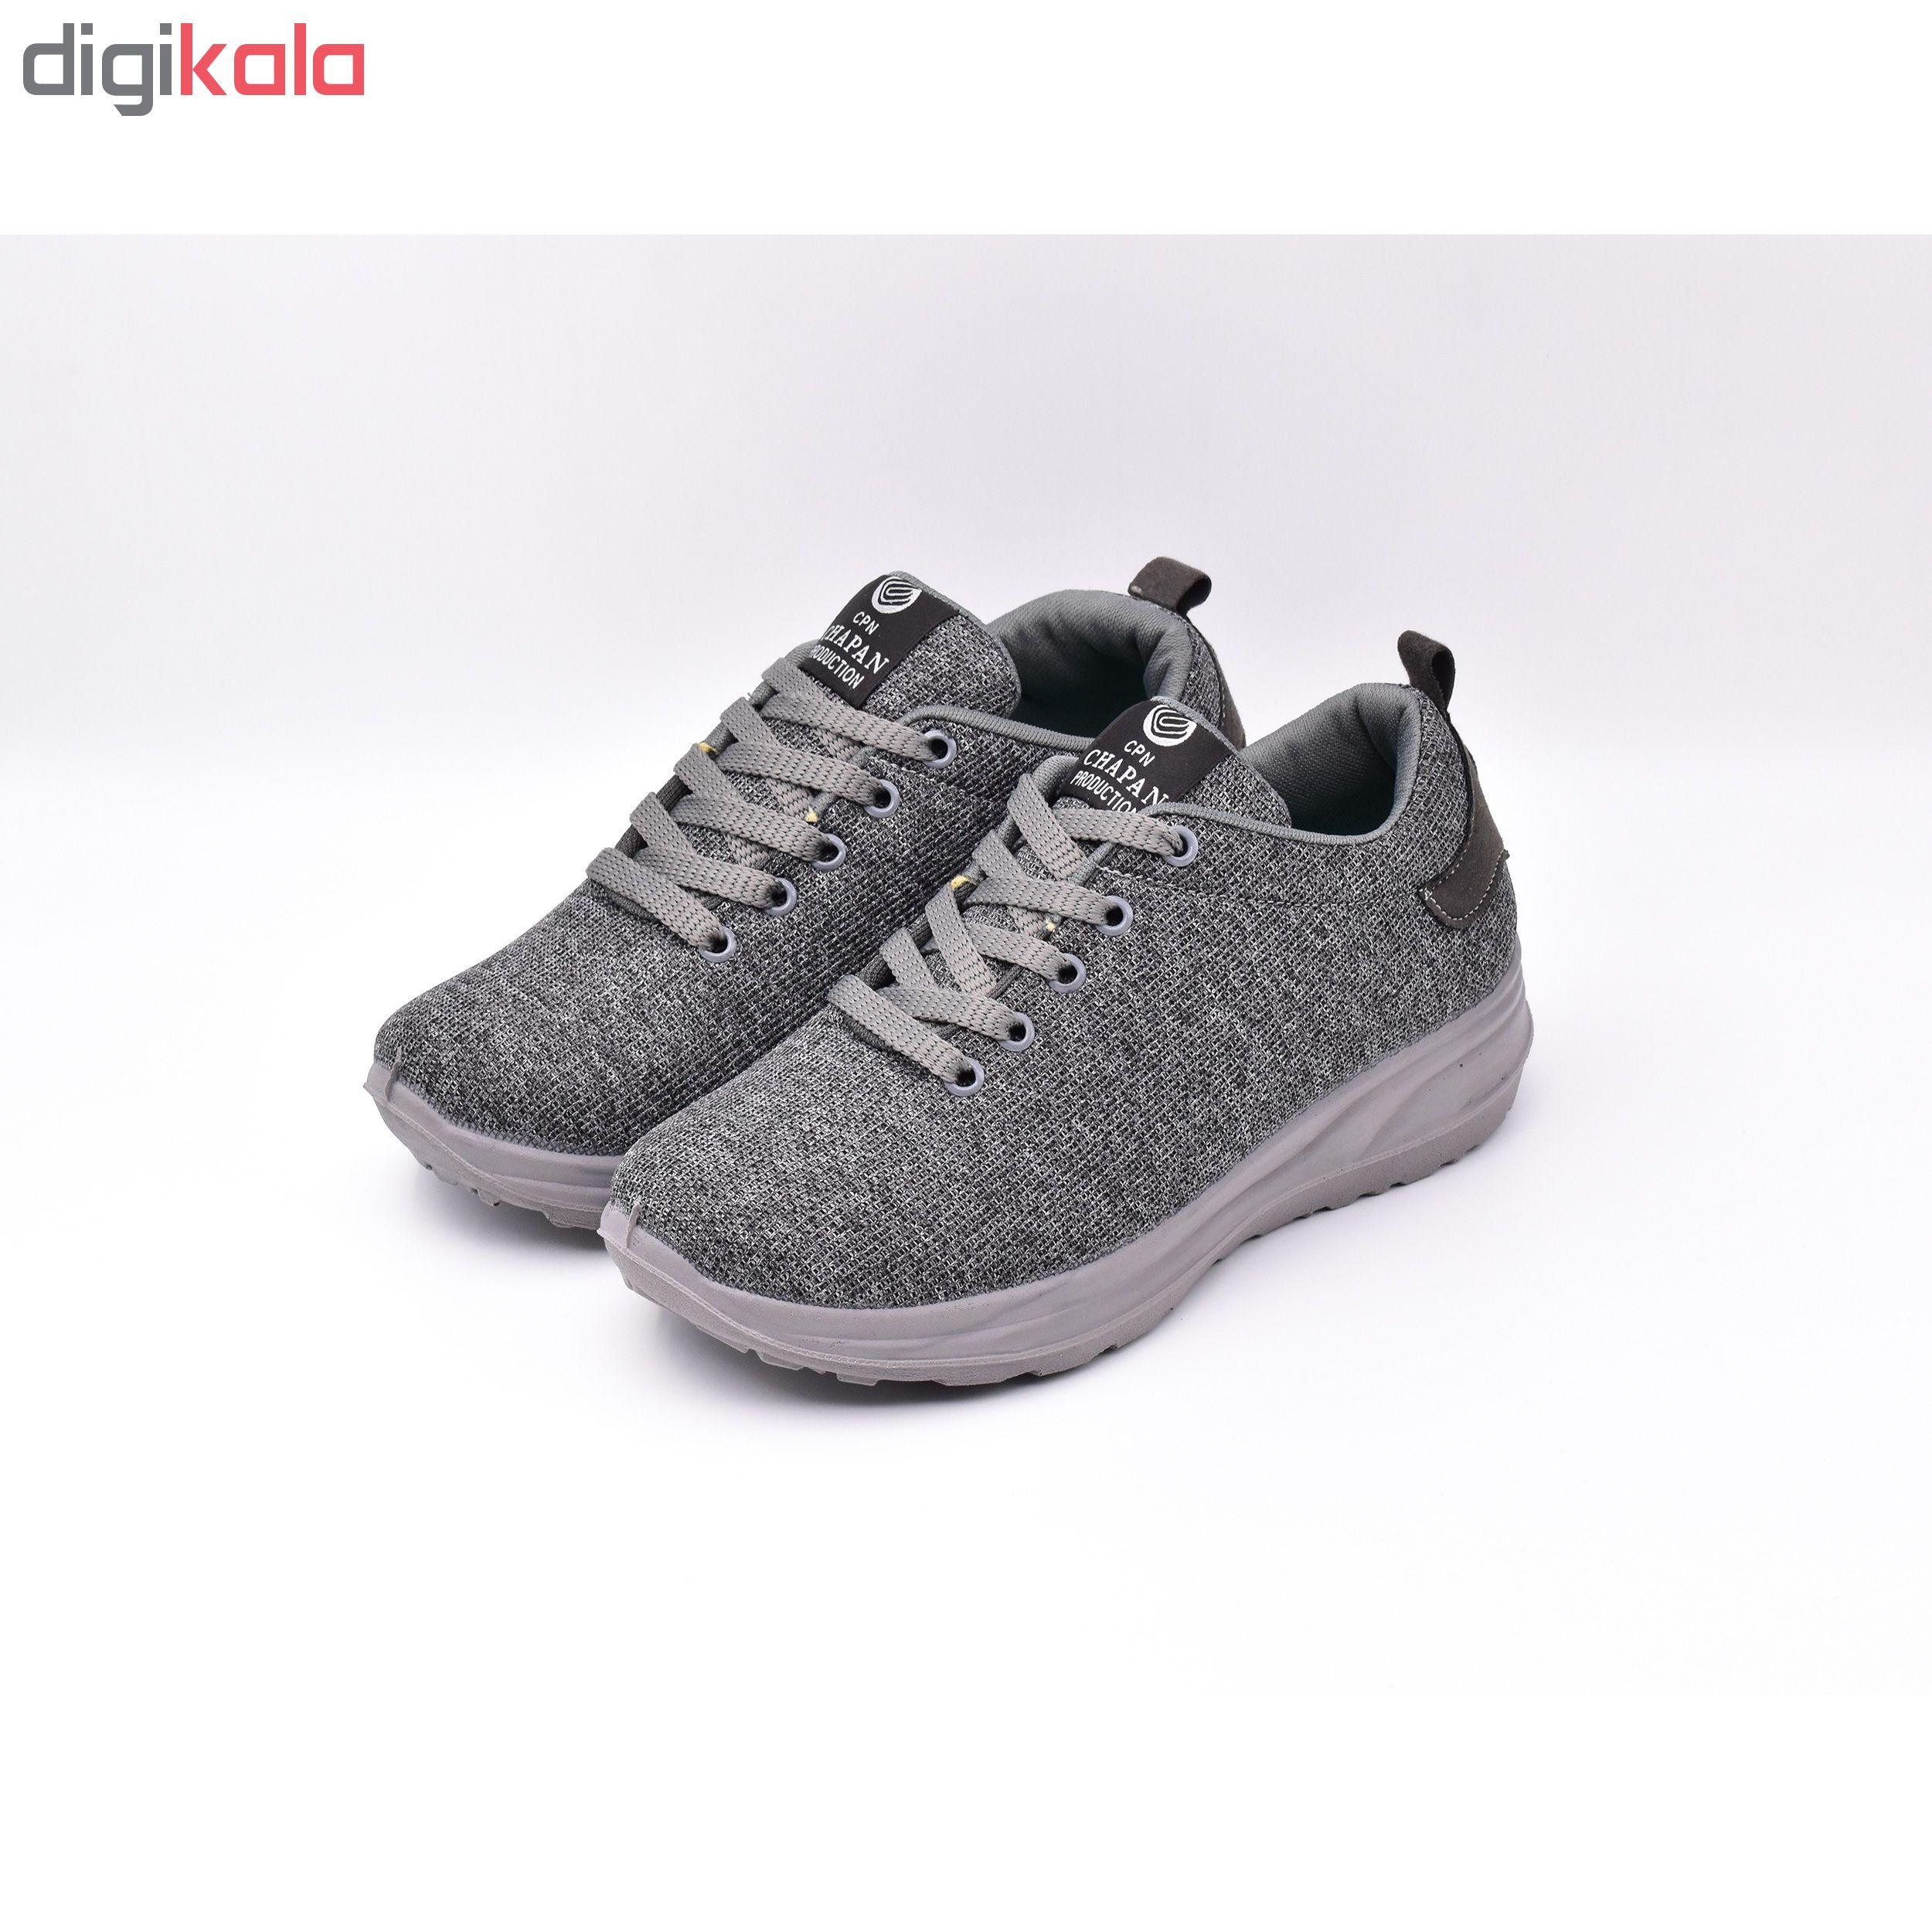 کفش مخصوص پیاده روی زنانه سی پی ان طرح چپان کد 5679 main 1 2